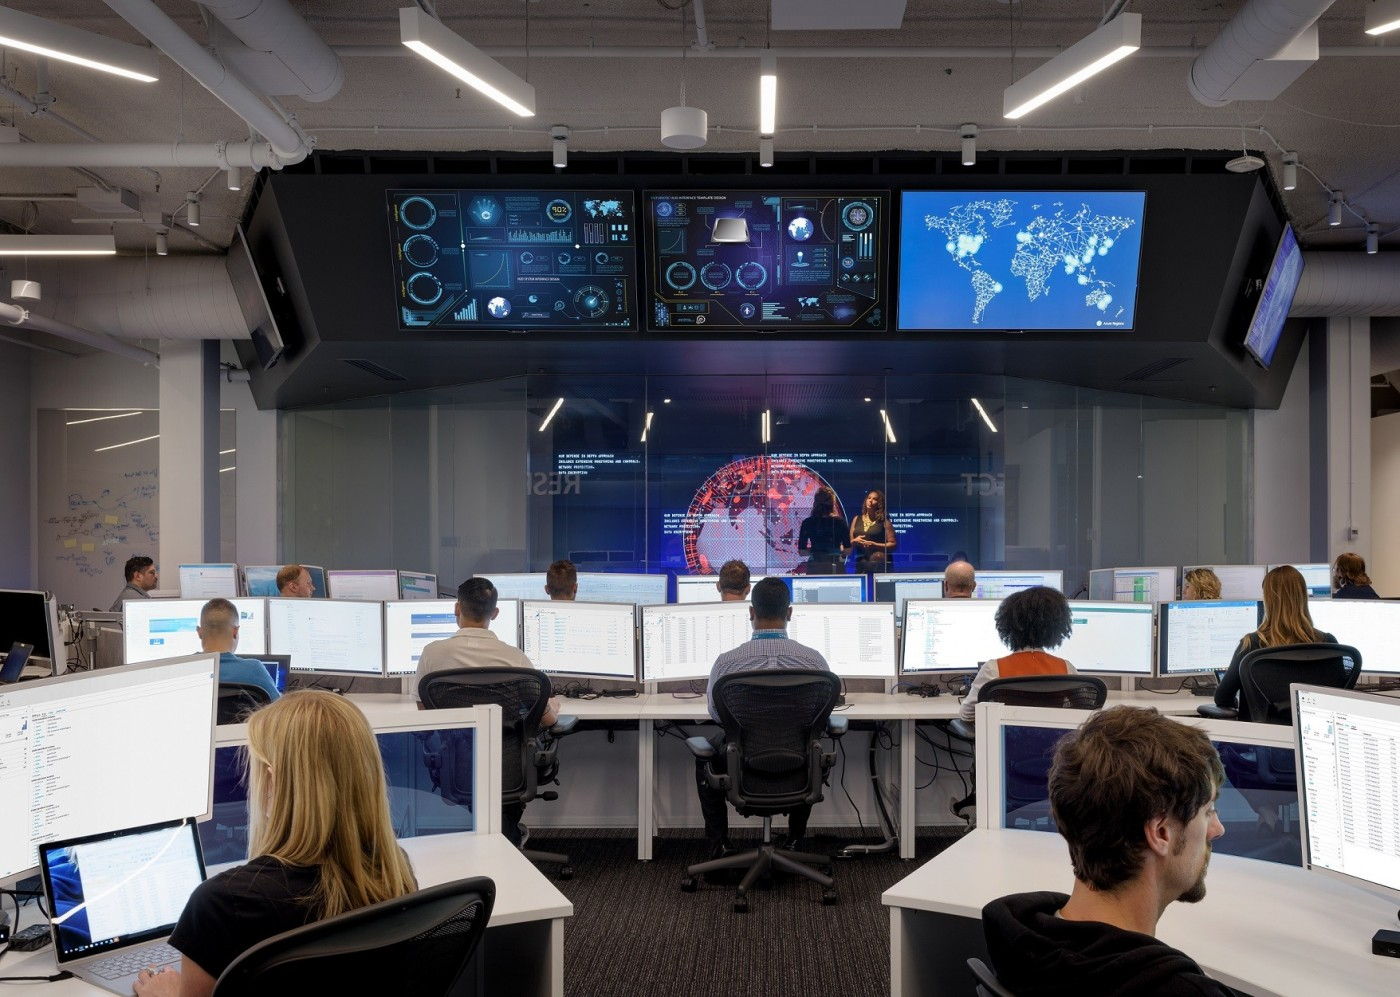 微軟發布五大資安要點 台灣企業應提前部署智慧資安